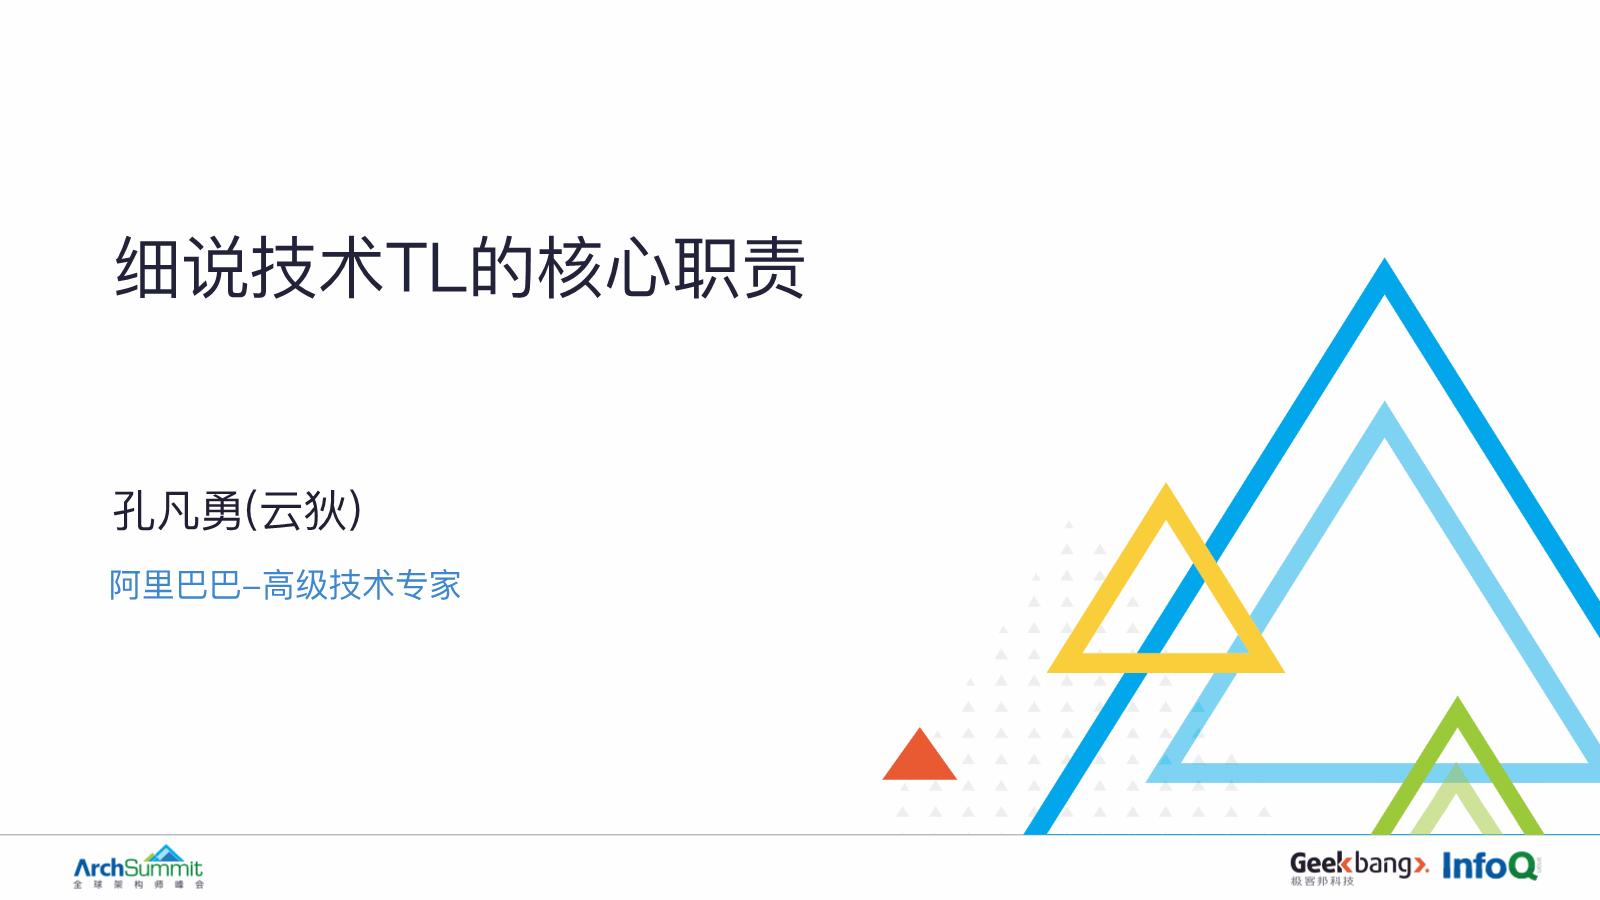 孔凡勇-技术TeamLearder核心职责